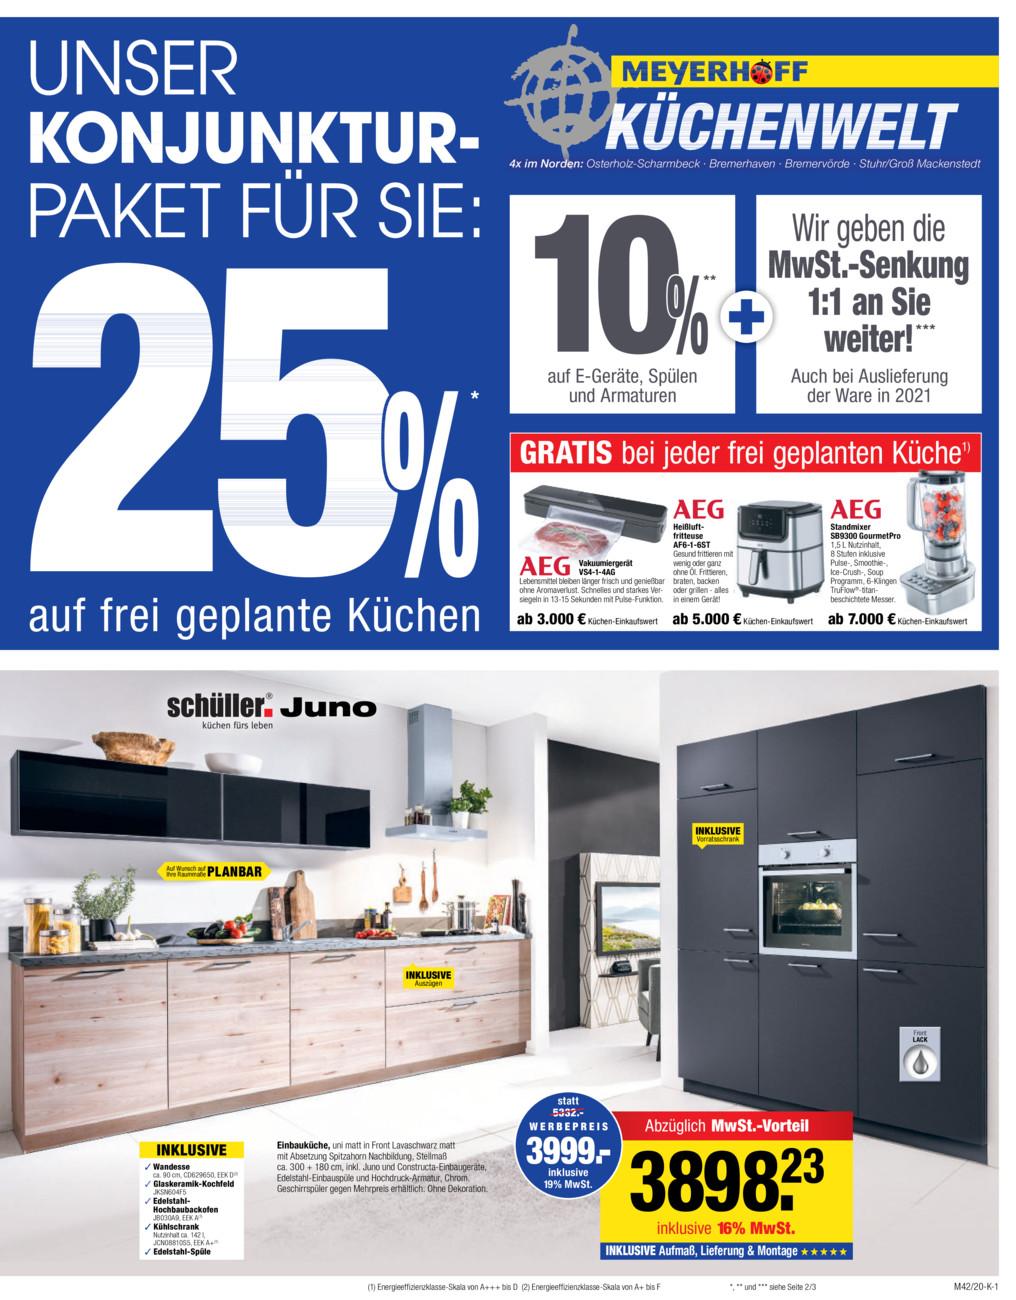 Meyerhoff Küchenwelt vom Dienstag, 03.09.2019